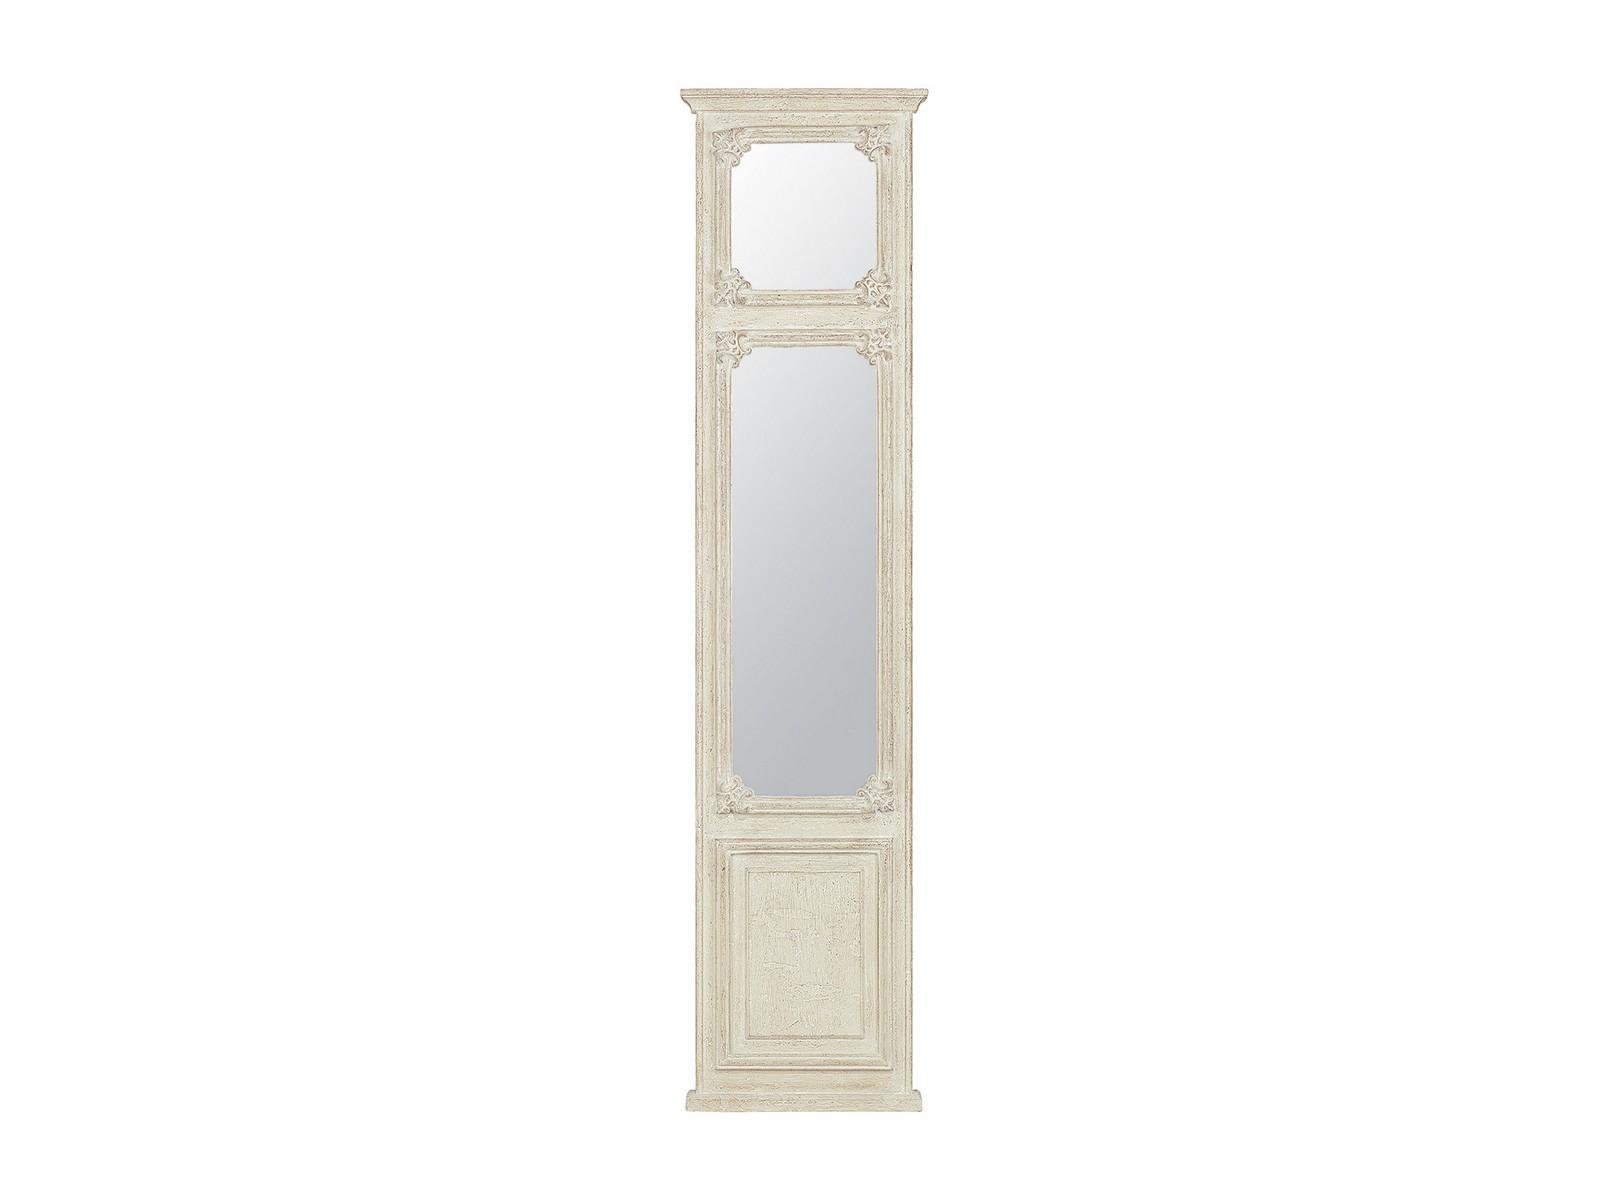 Настенное зеркало Wood CraftНастенные зеркала<br><br><br>Material: Дерево<br>Ширина см: 50<br>Высота см: 200<br>Глубина см: 5